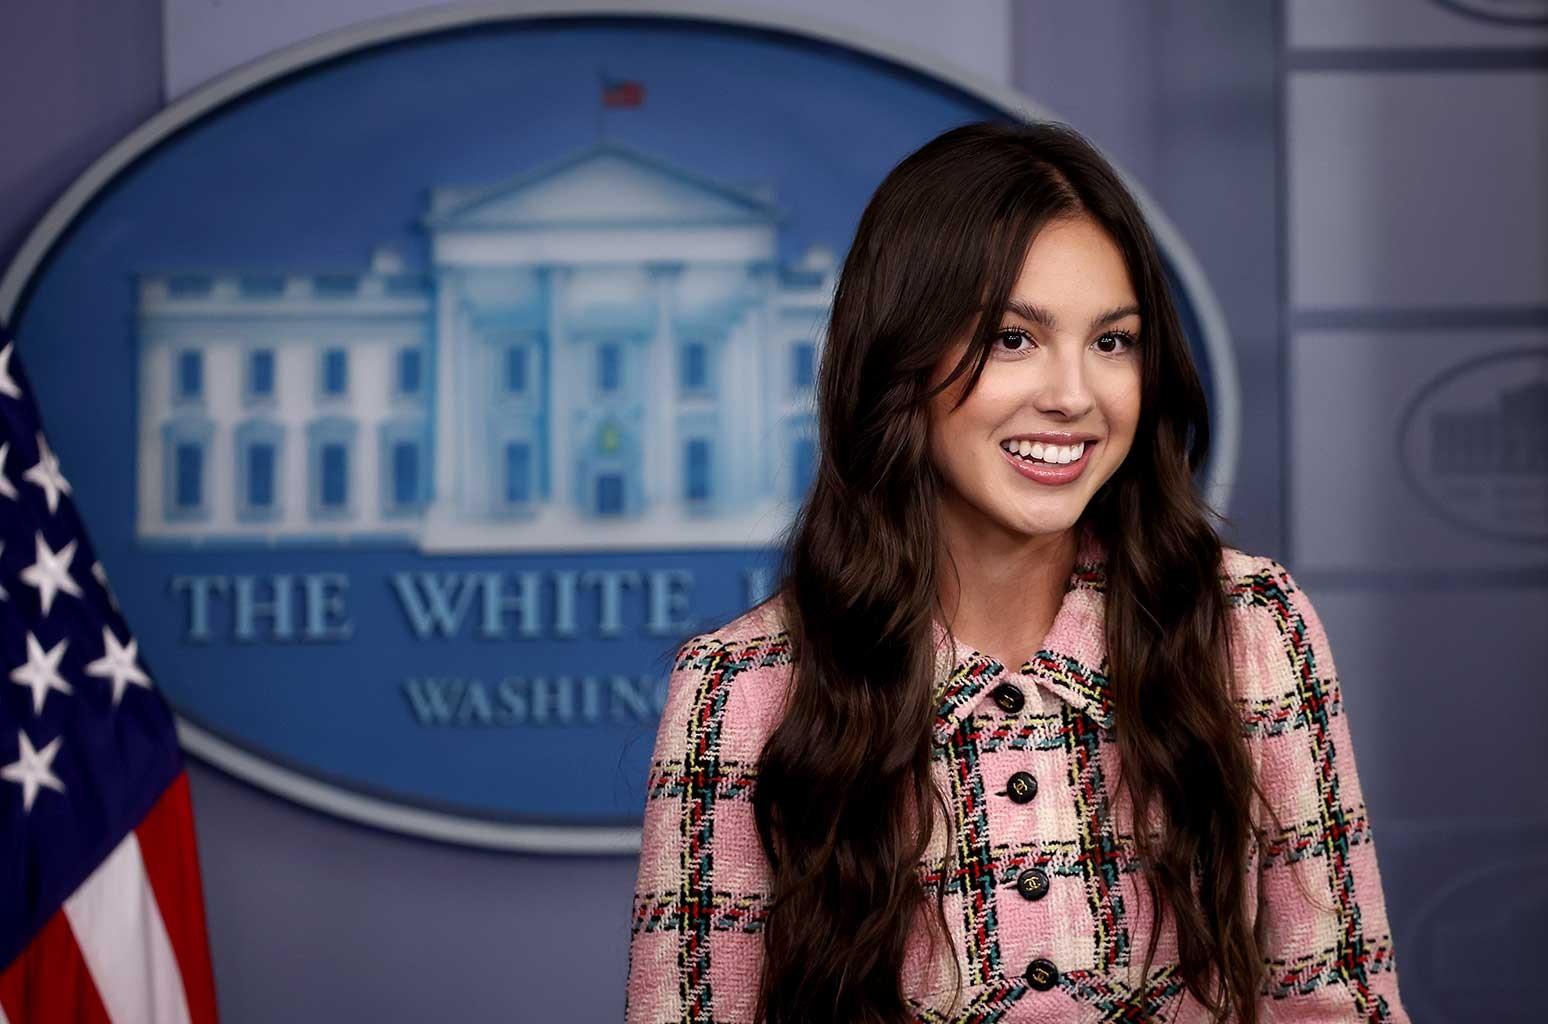 Olivia Rodrigo at the White House